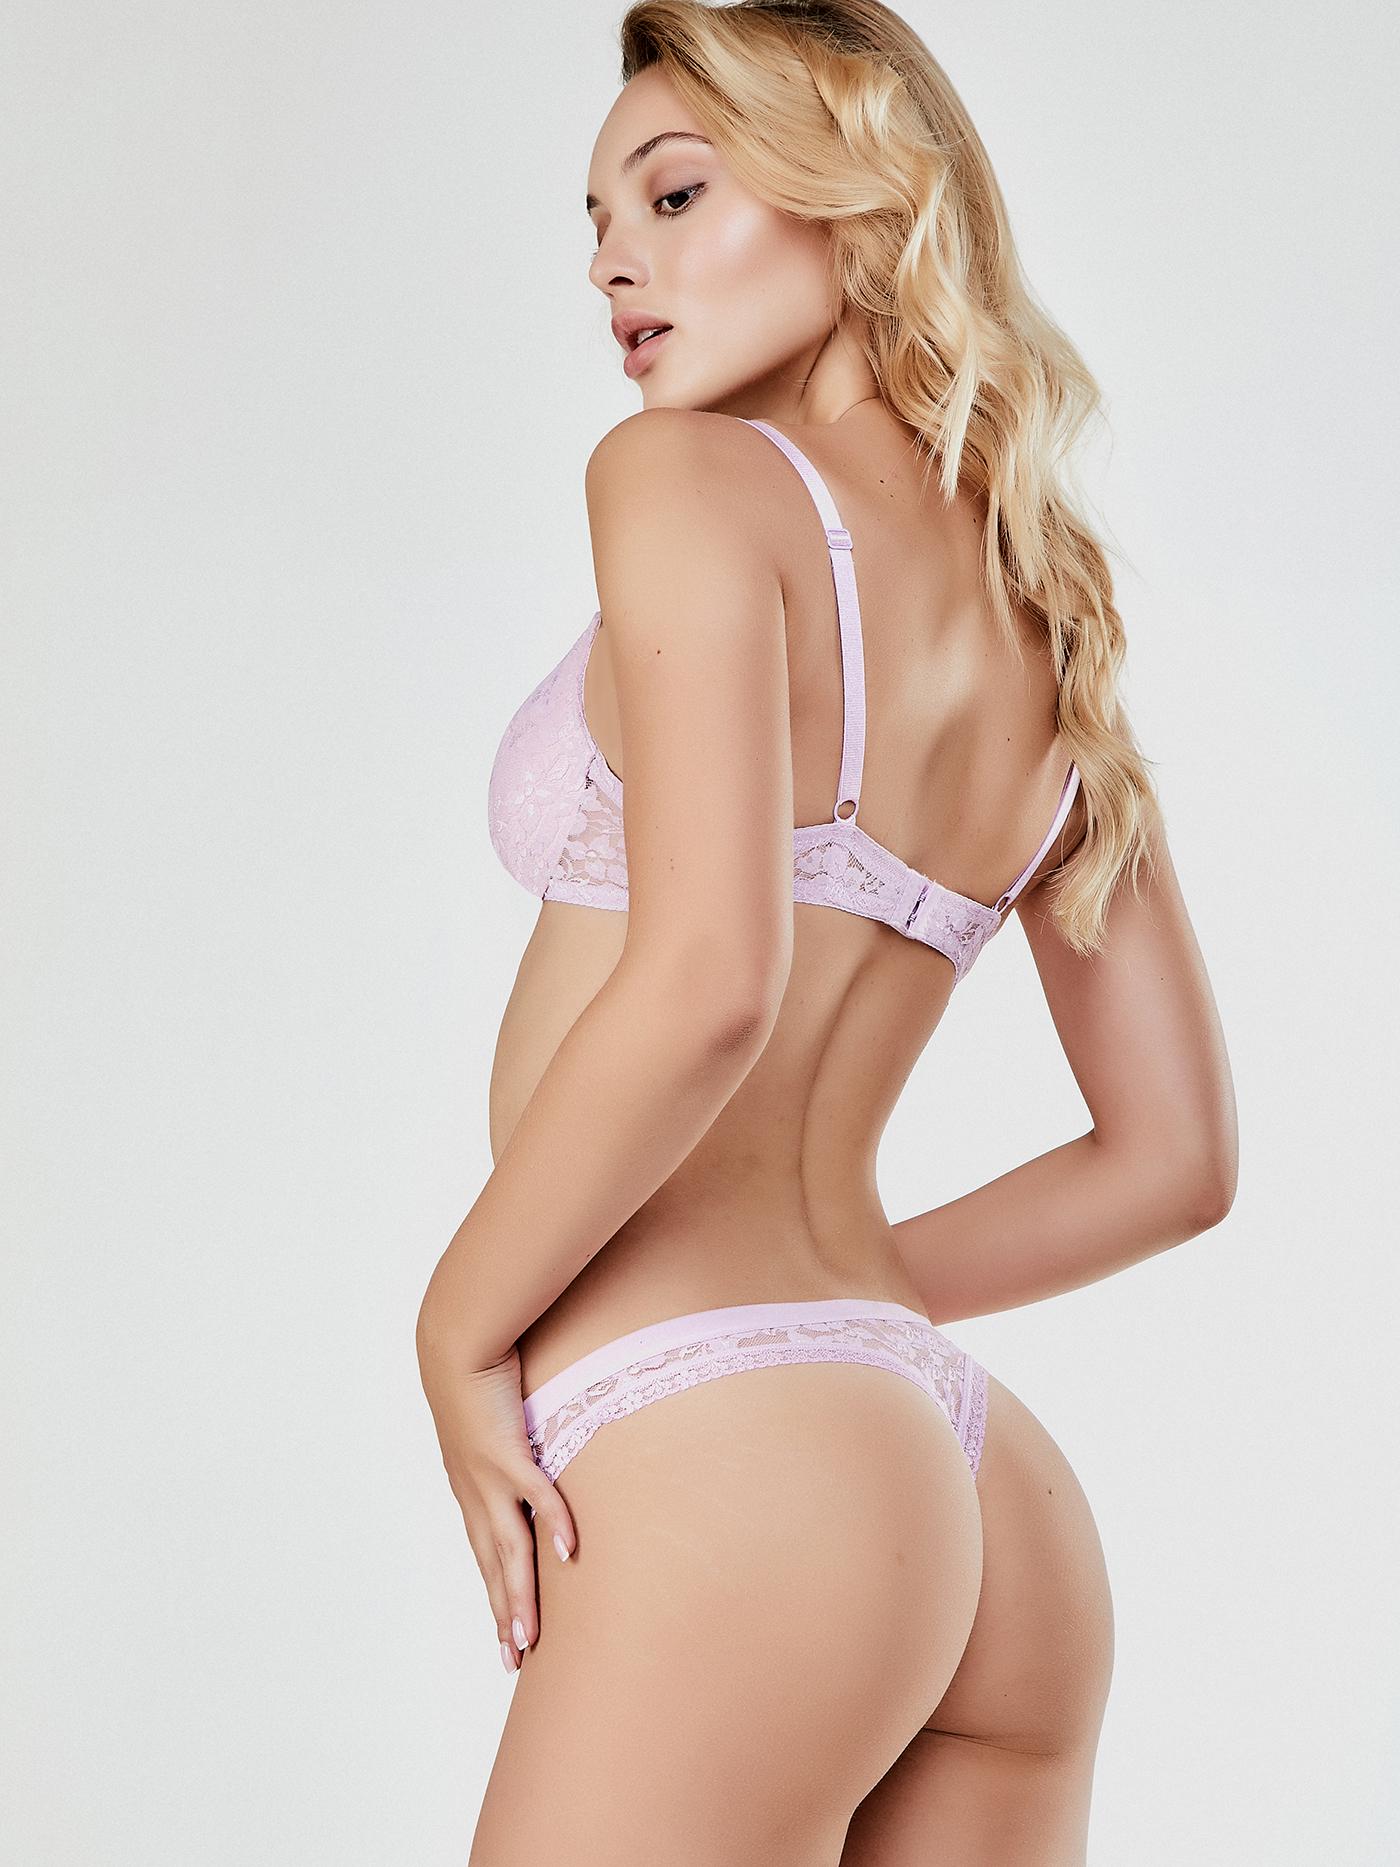 Купить Трусы стринг дефиле carly, Розовый зефир, 95%ПА, 5%ЭЛ/100%ХЛОПОК